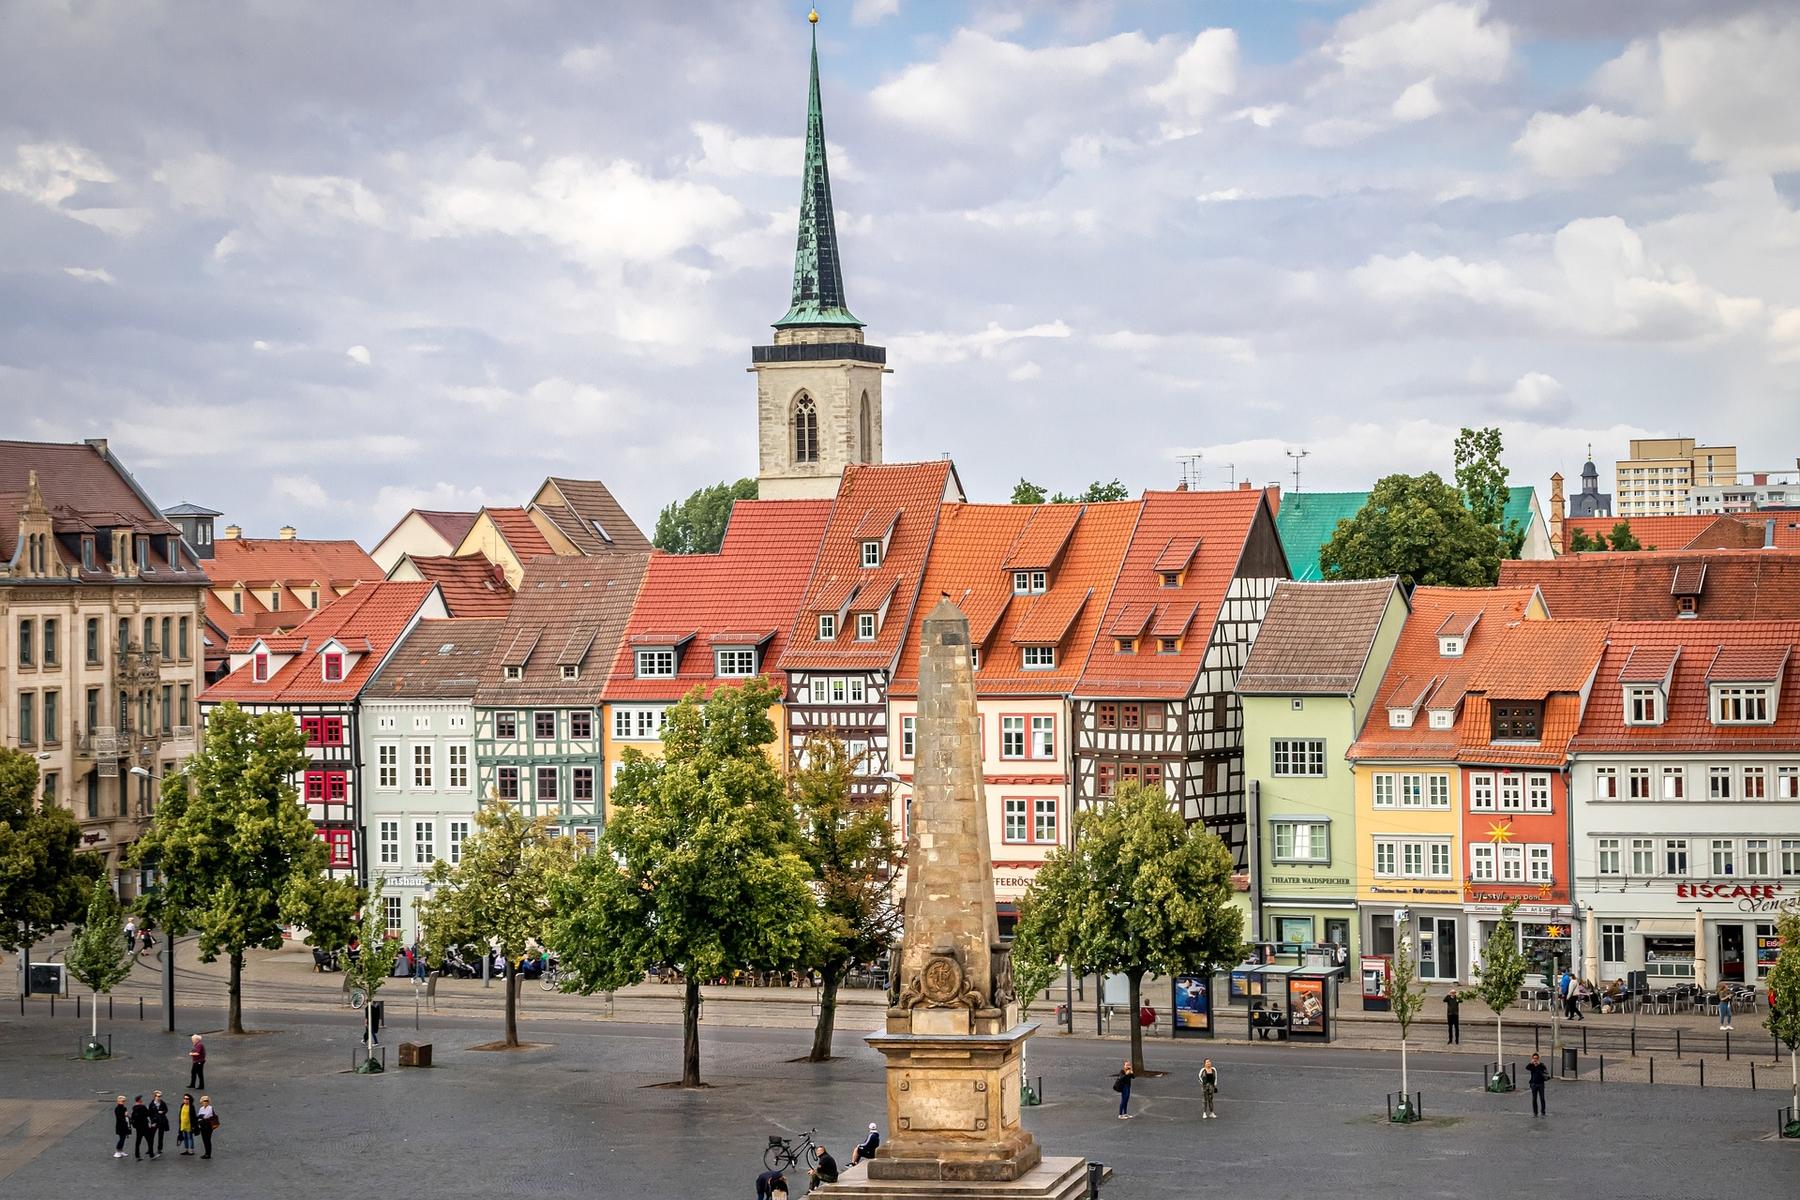 Erfurt gehört zu den schönsten Städten in Deutschland